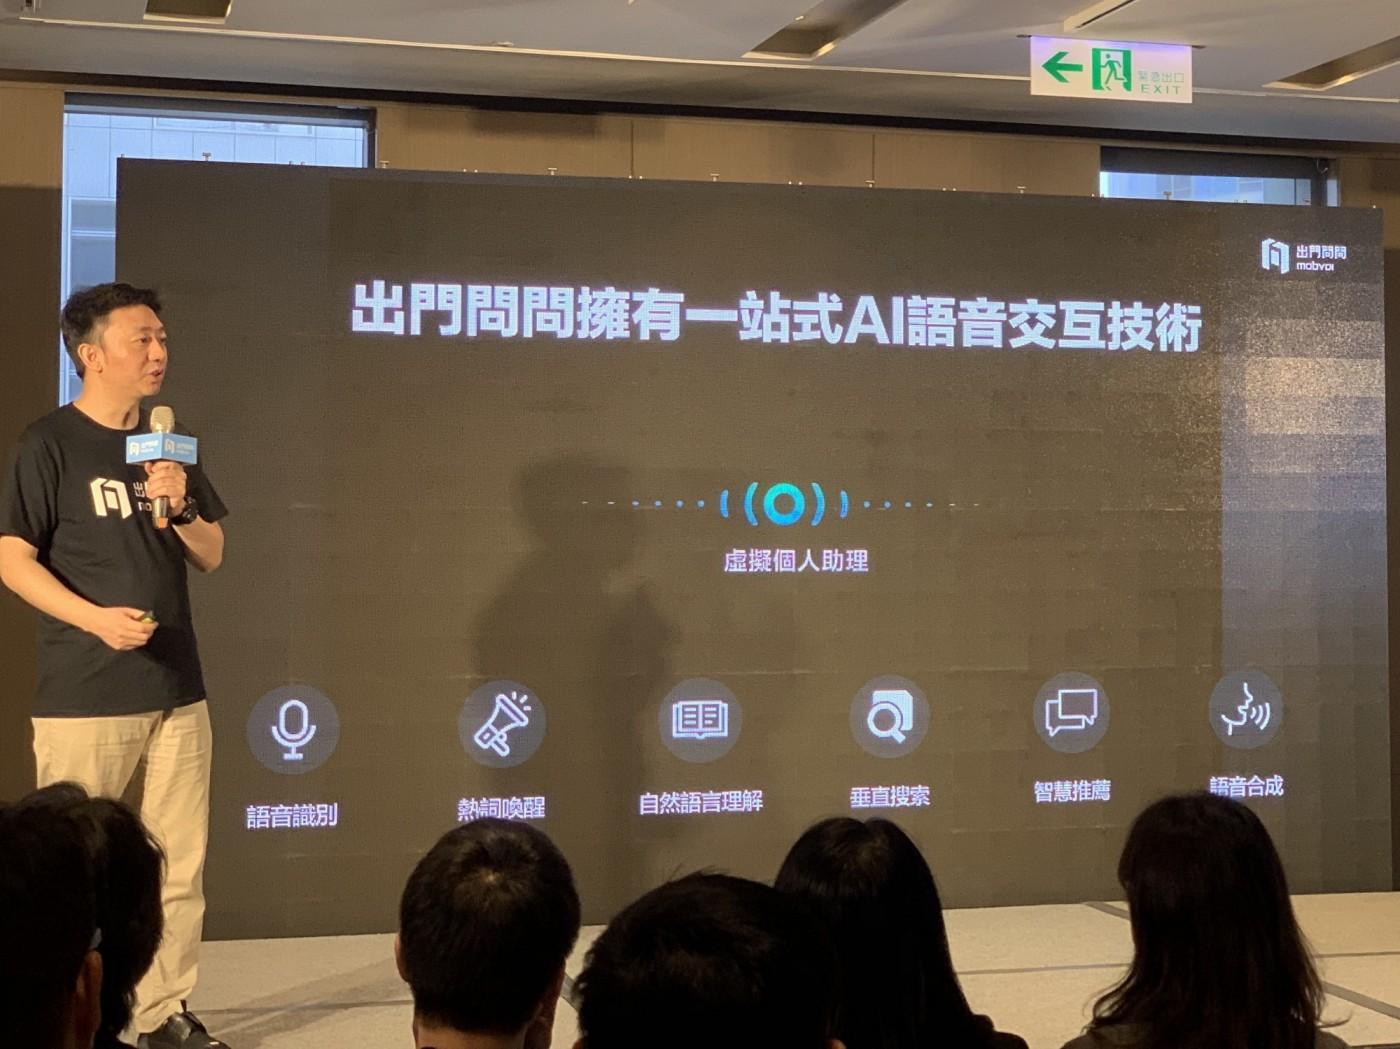 連Google都投資的中國AI獨角獸——出門問問在台成軍,這步棋怎麼下?